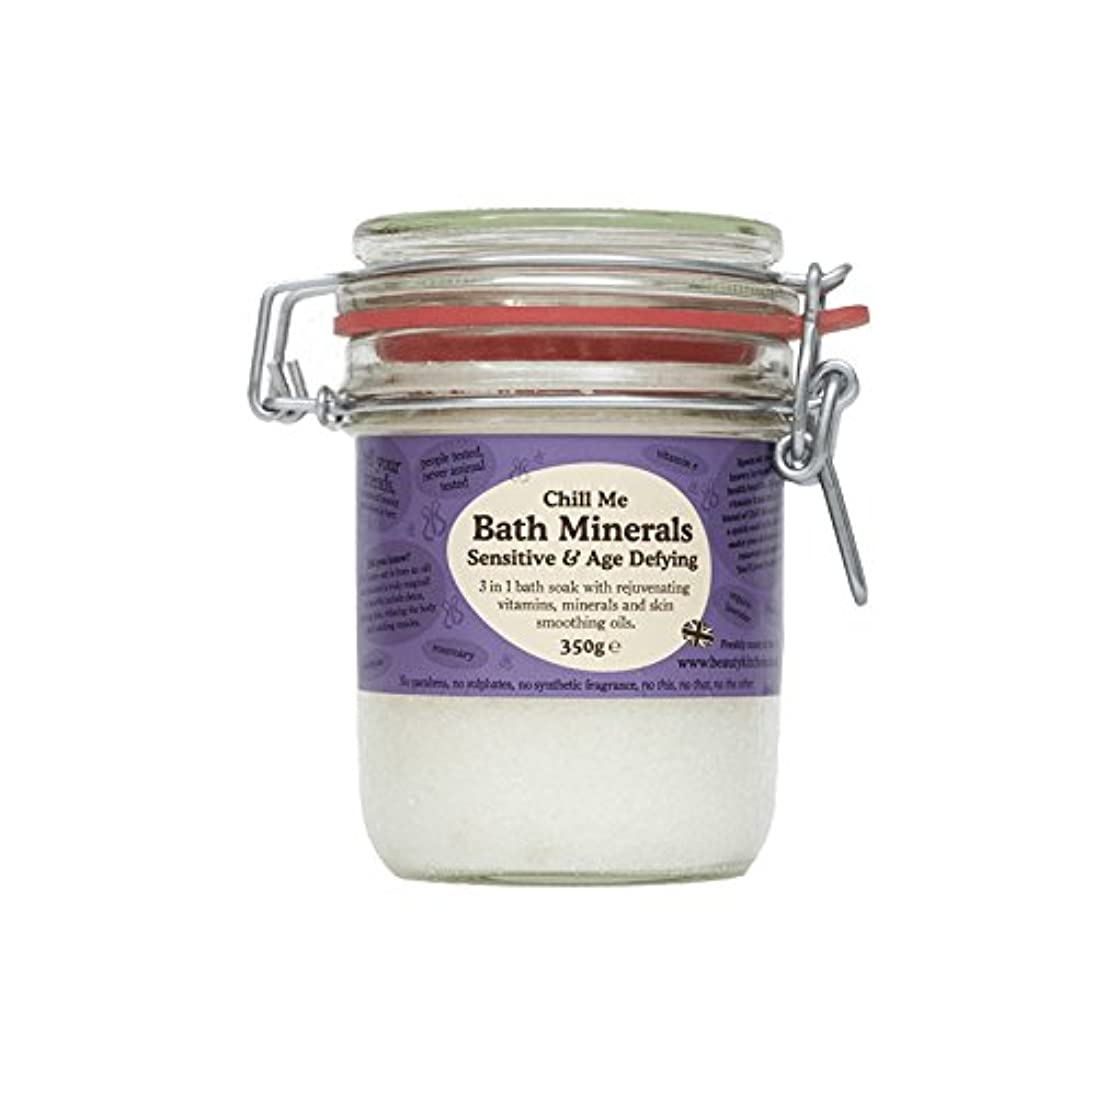 美しさのキッチンは私の敏感&年齢挑むバス鉱物350グラムを冷やします - Beauty Kitchen Chill Me Sensitive & Age Defying Bath Minerals 350g (Beauty...